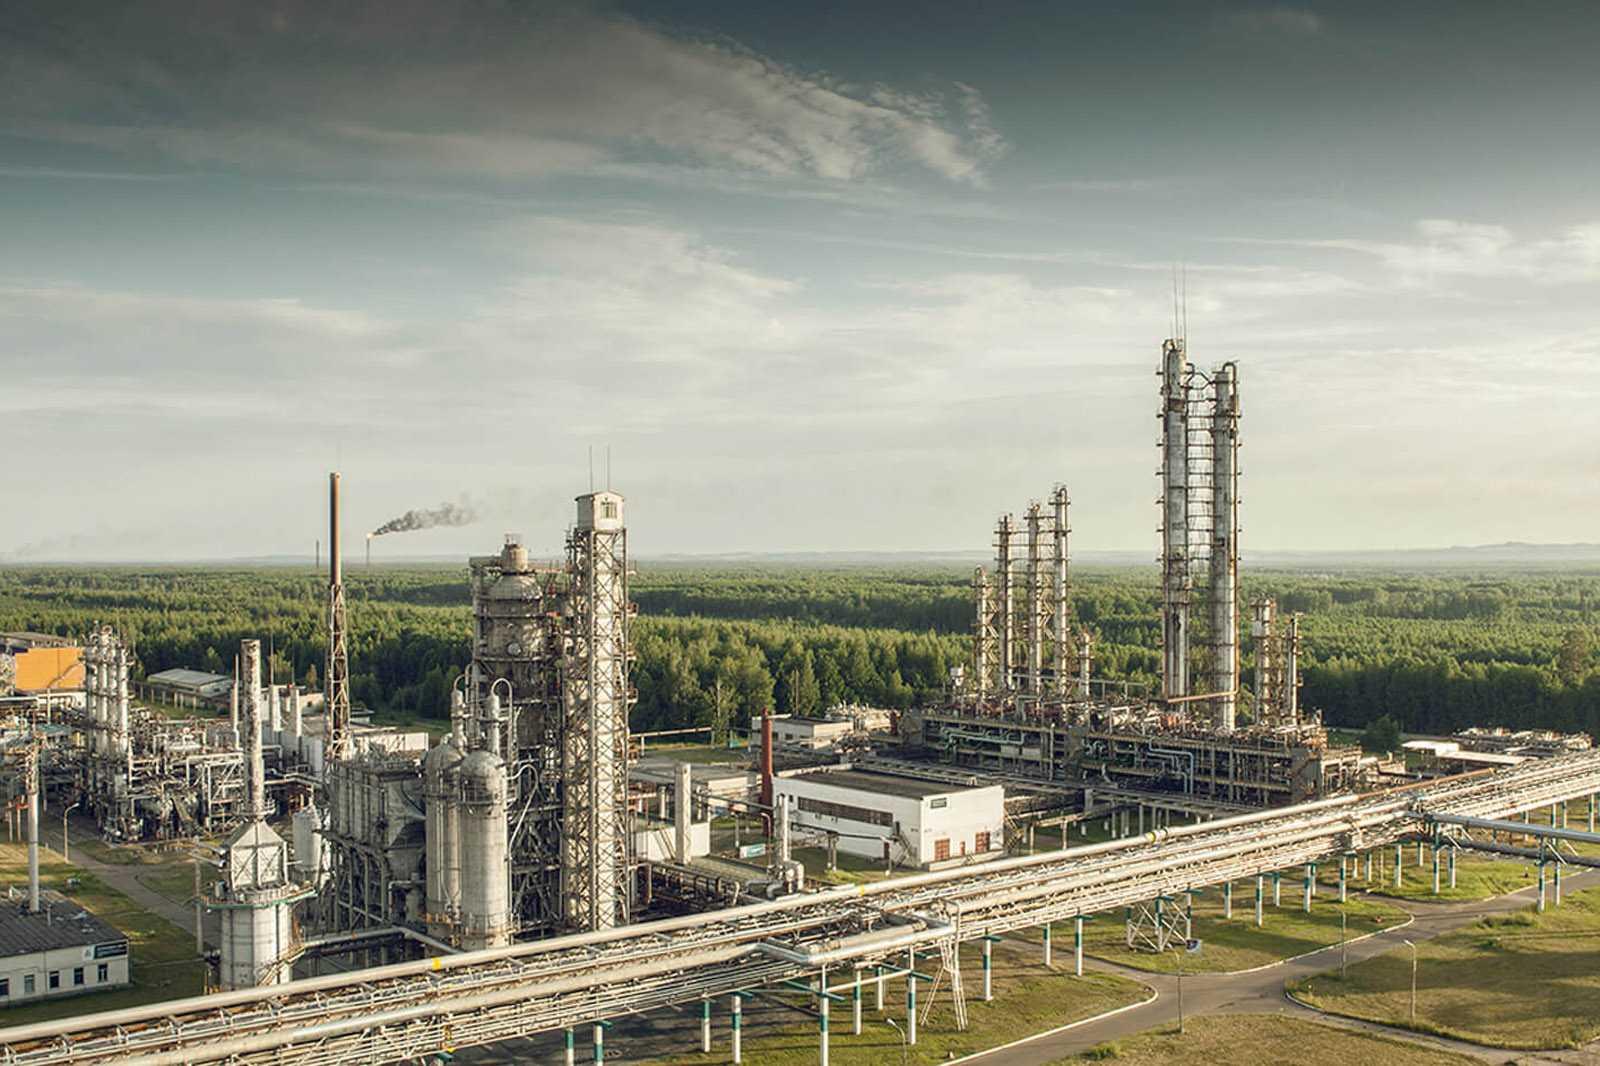 Срочная доставка дизельного топлива и других нефтепродуктов от 500 литров в течение 3-х часов